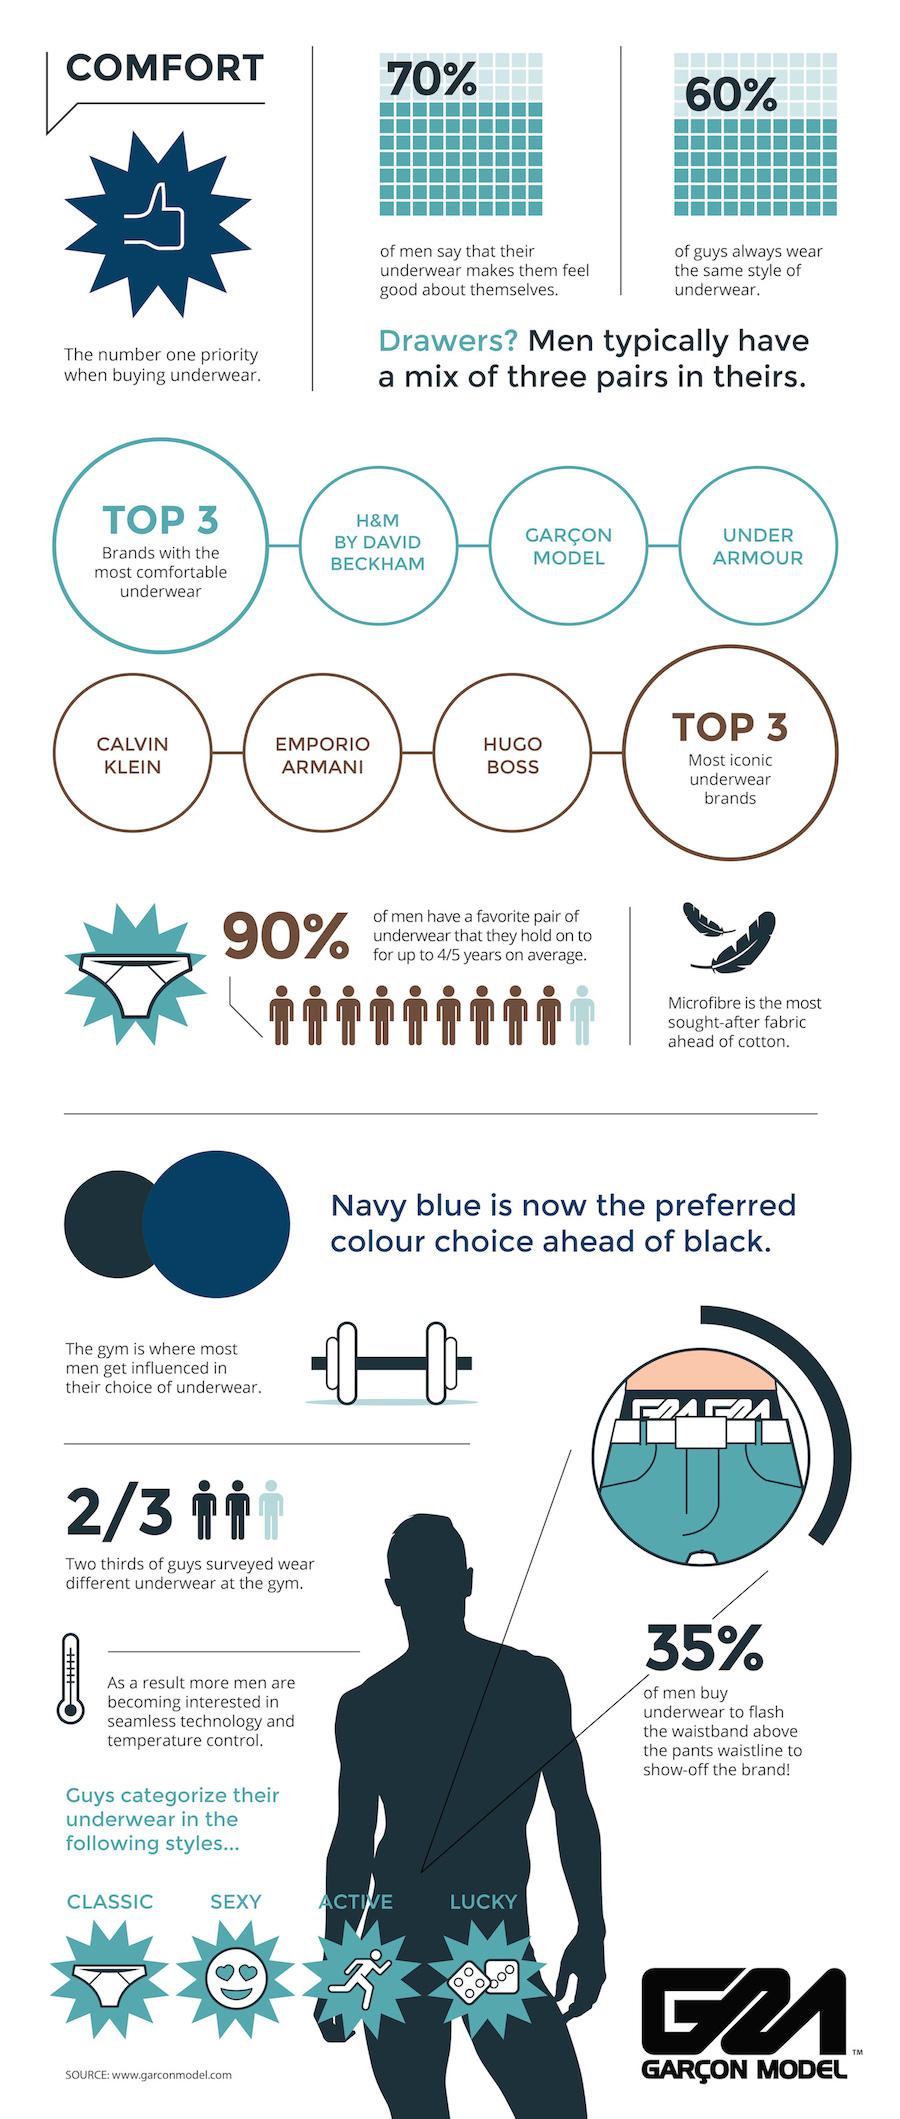 Garcon Model Infographic for 2014/15 Men's Underwear Trends